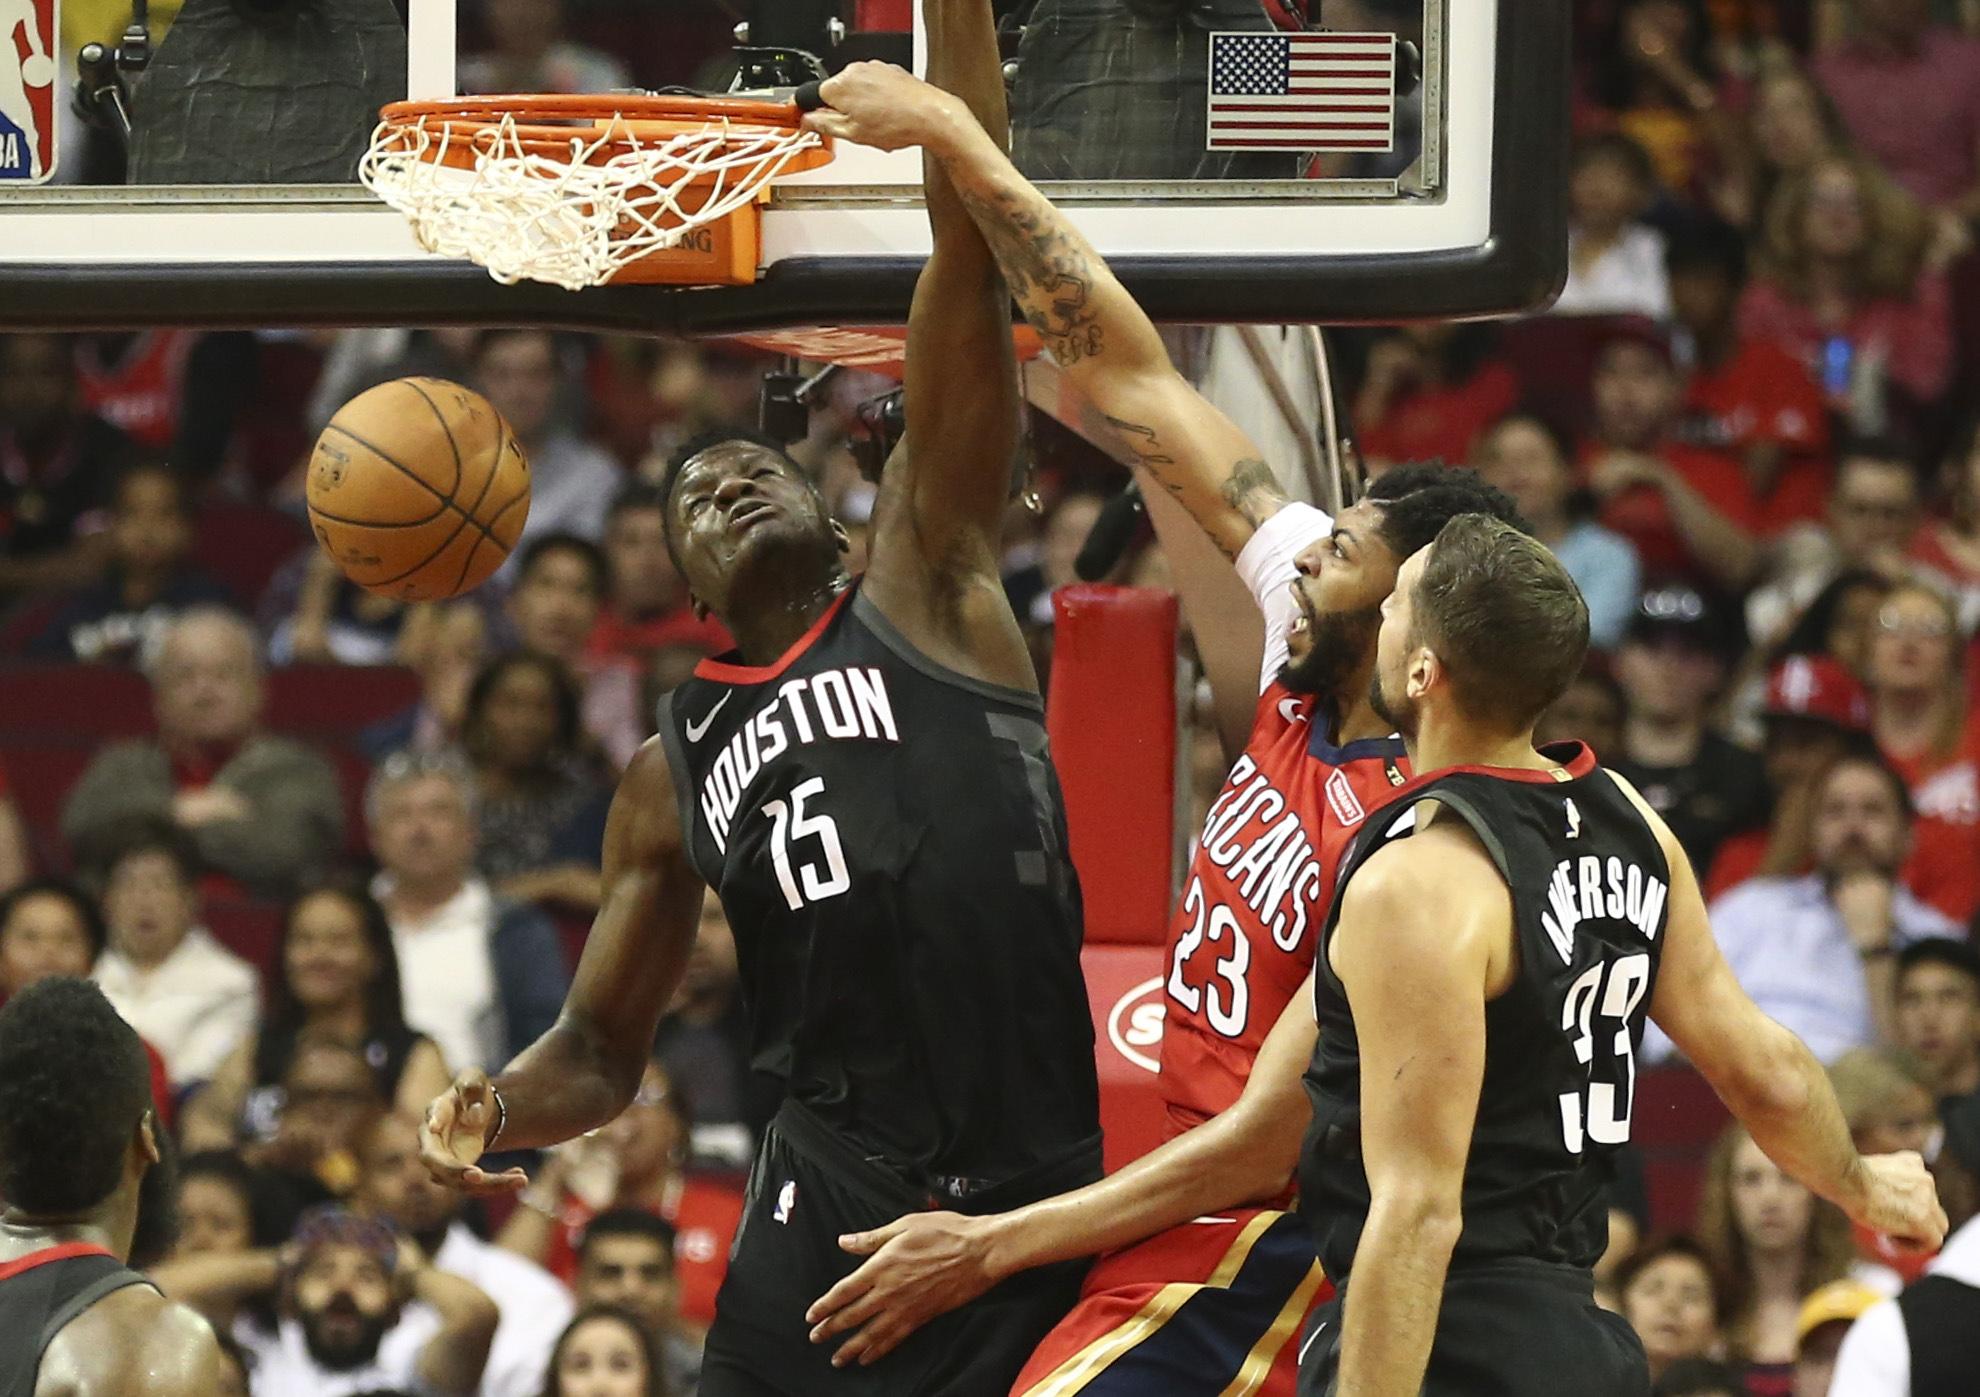 Pelican Post Game Report #168 Pelicans VS Lakers/Rockets Recaps & More